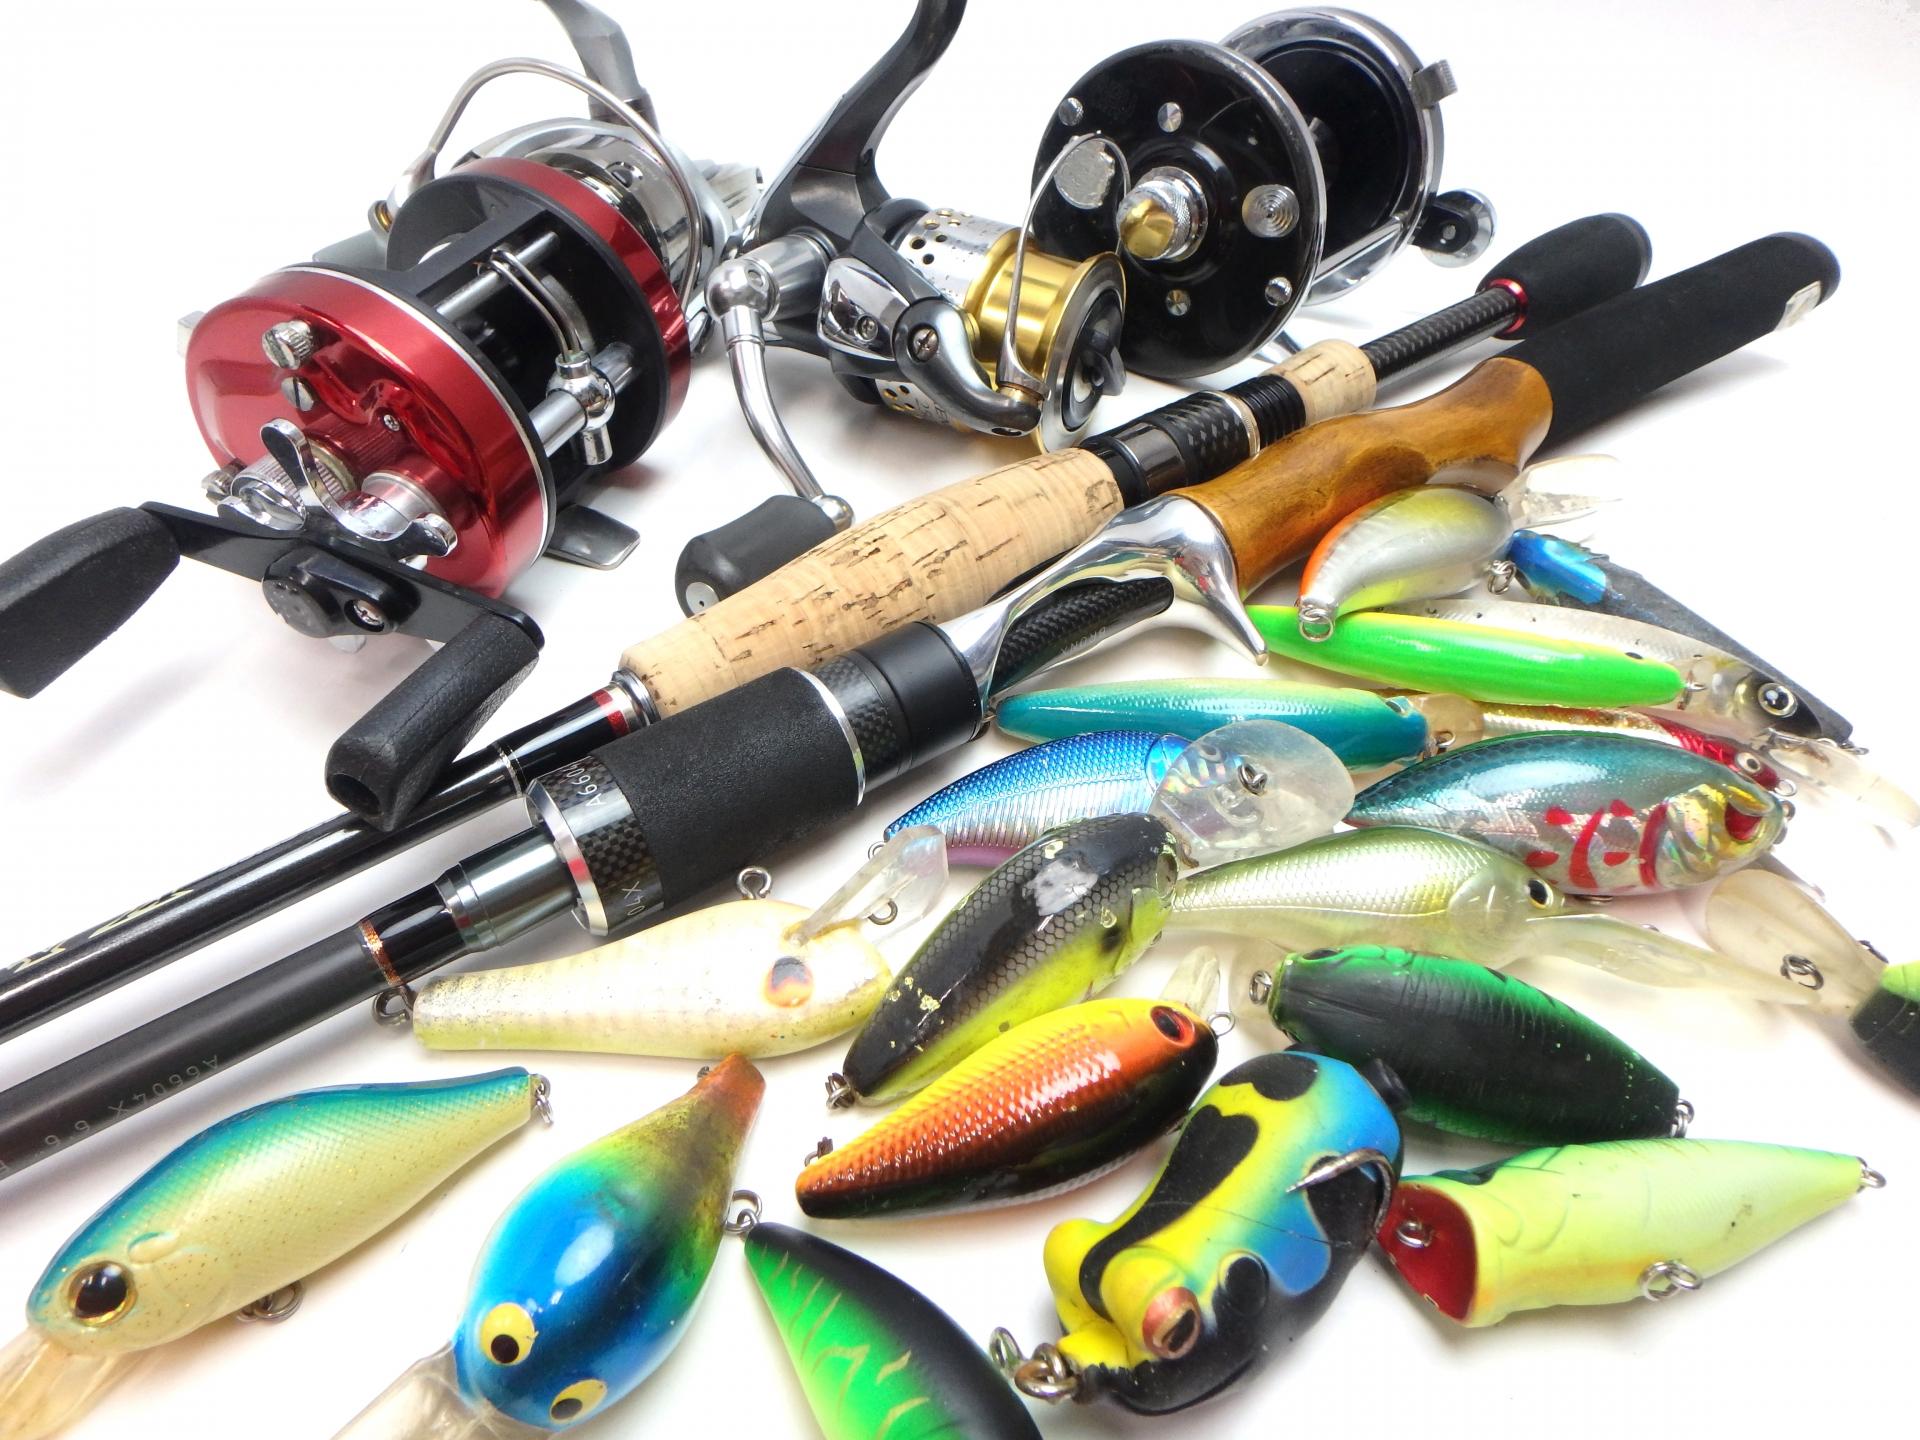 釣りを始める人必見!釣り初心者が用意するべき道具とその使い方を全部ご紹介!